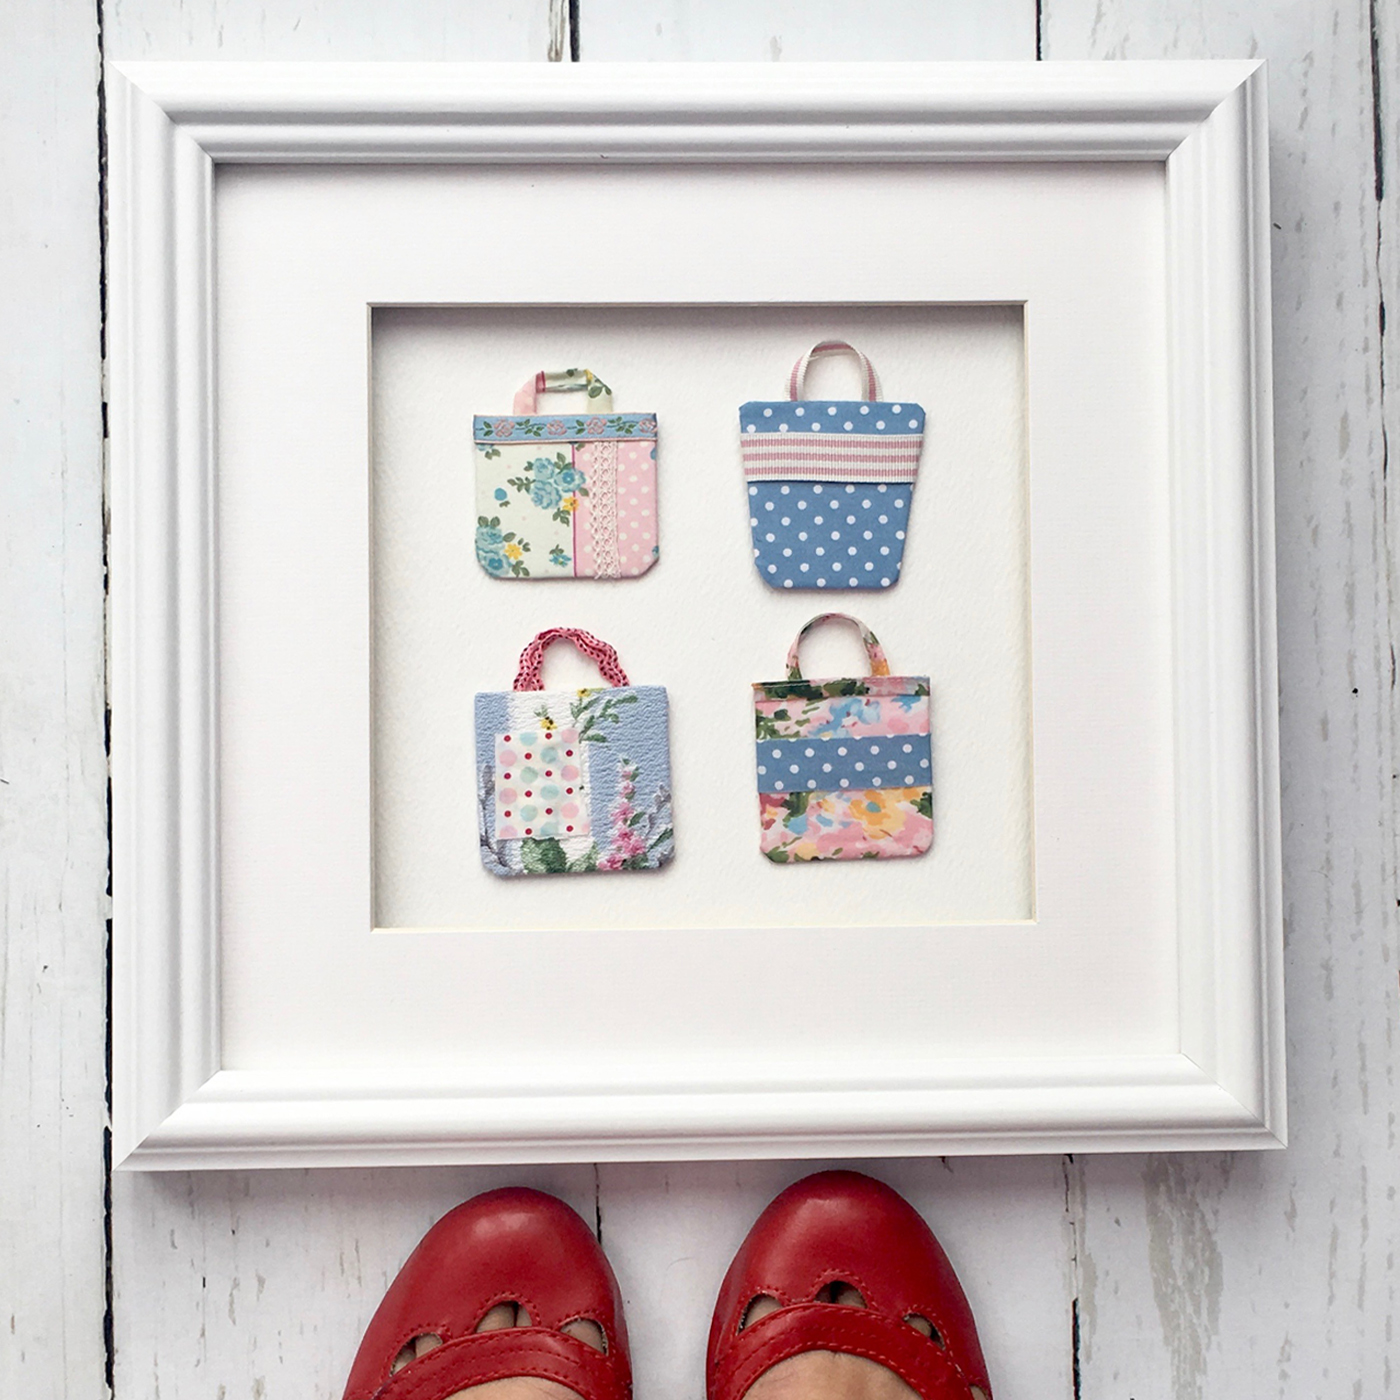 handmade minature bags.jpg